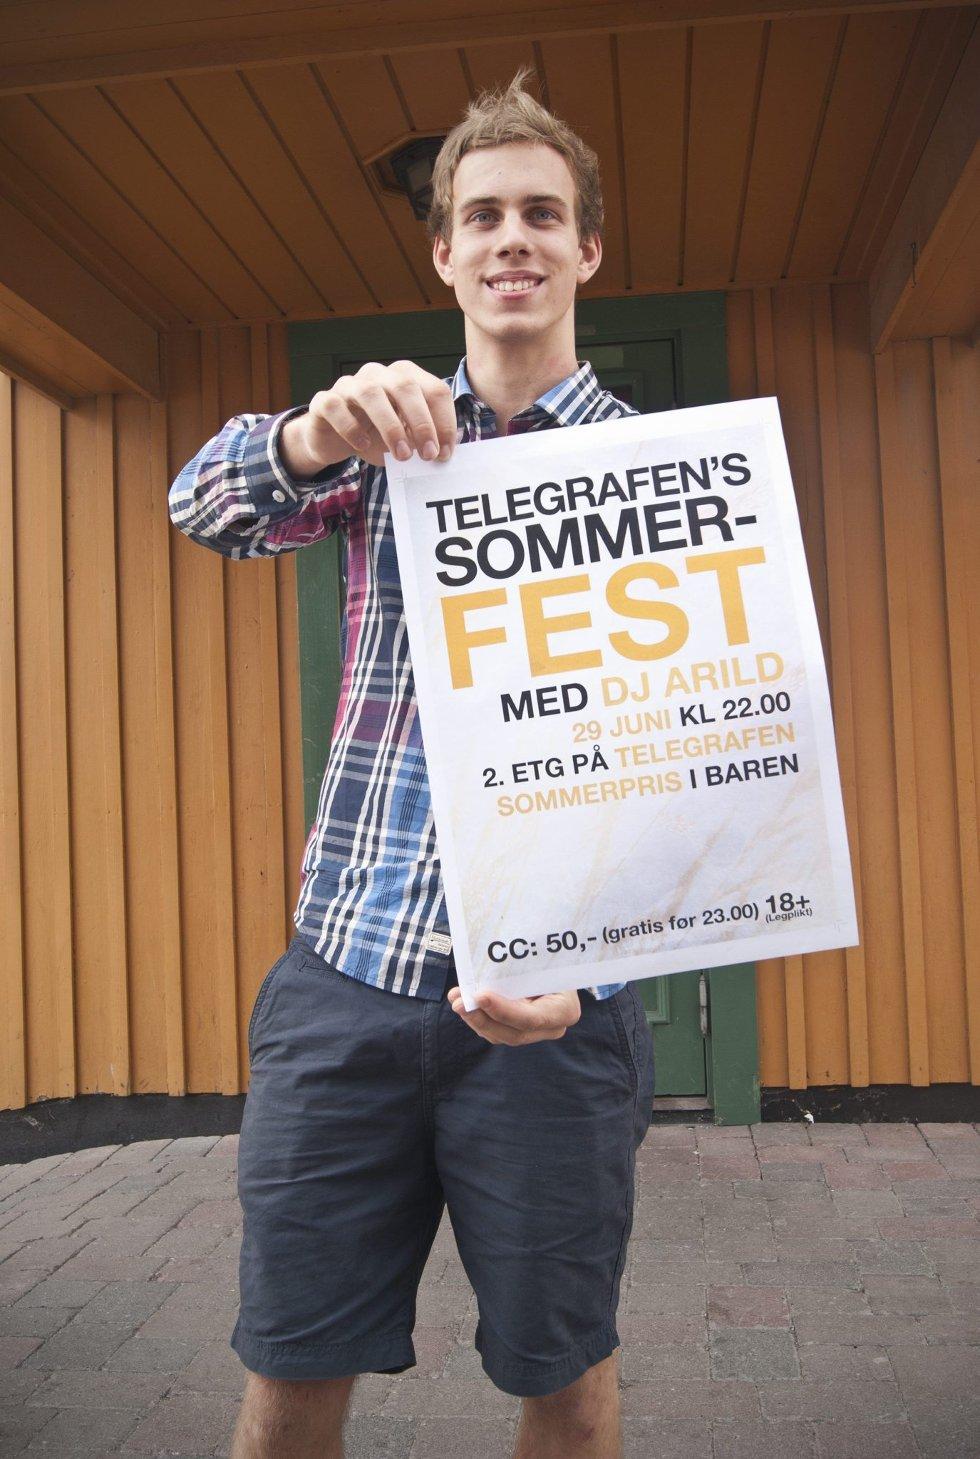 MARKEDSFØRER: Gjengens grafiker, Matias Hynne, har designet plakaten som skal informere Kongsvingers ungdom om arrangementet.